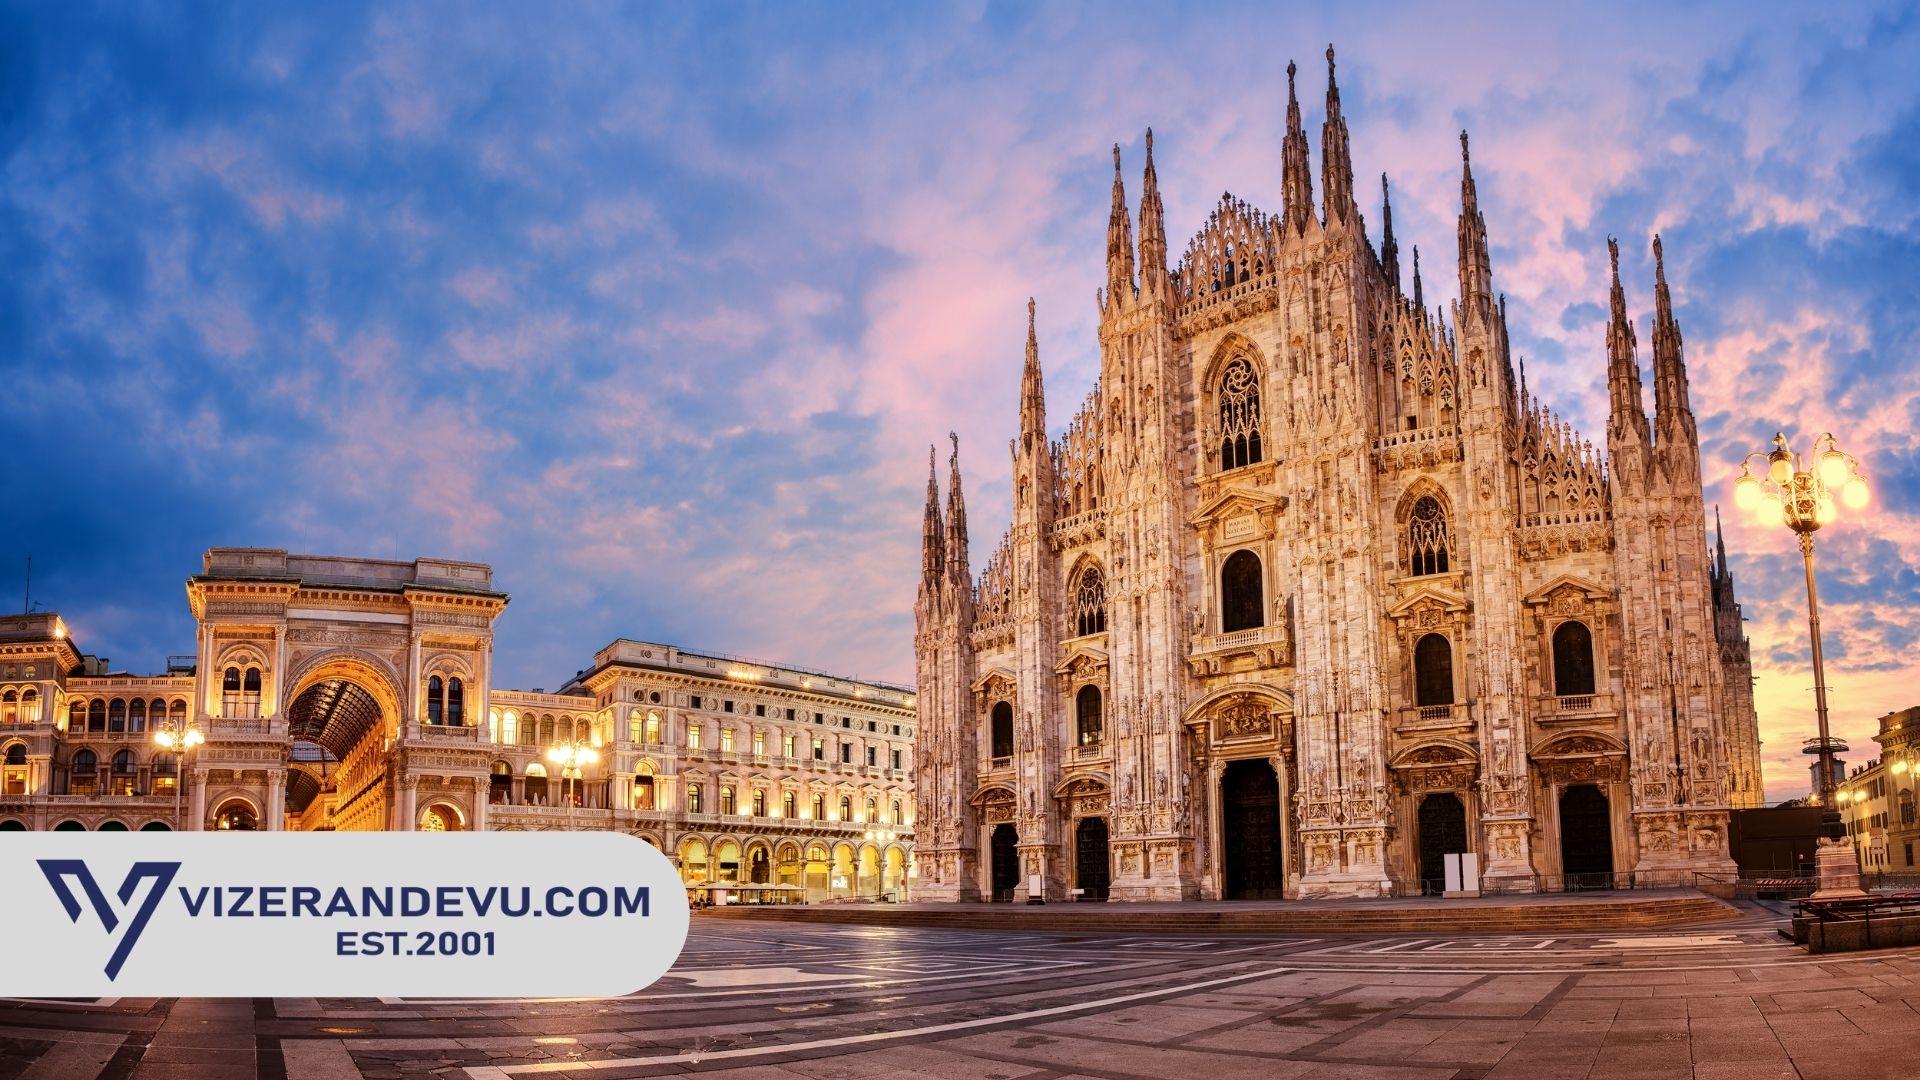 İtalya Oturum ve Vatandaşlık Başvurusu